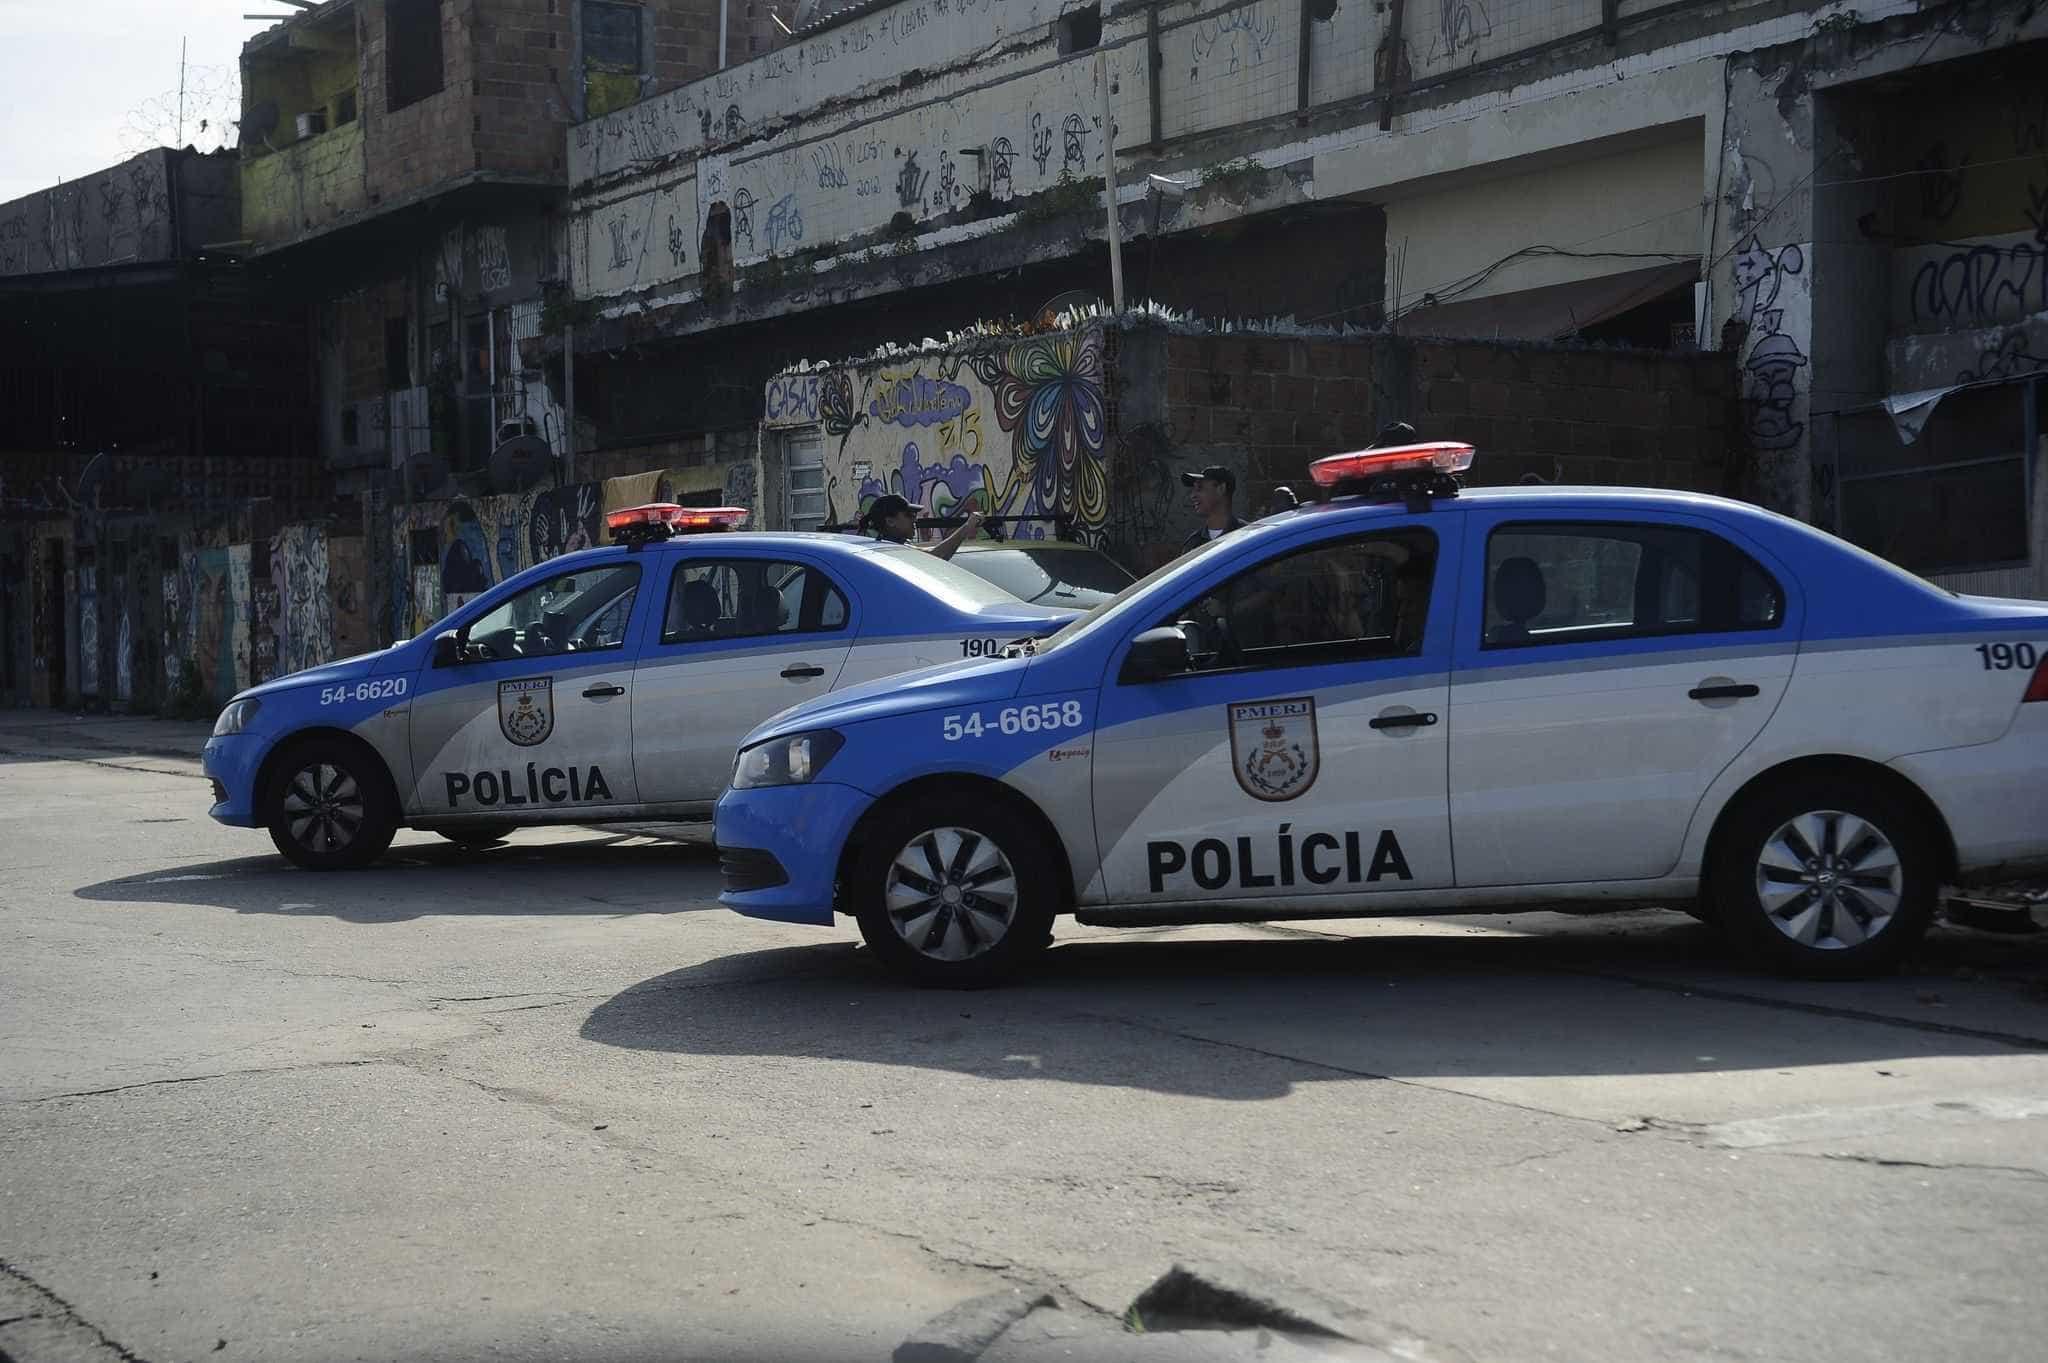 PM acusado de matar jovem que brincava em telhado tem prisão decretada